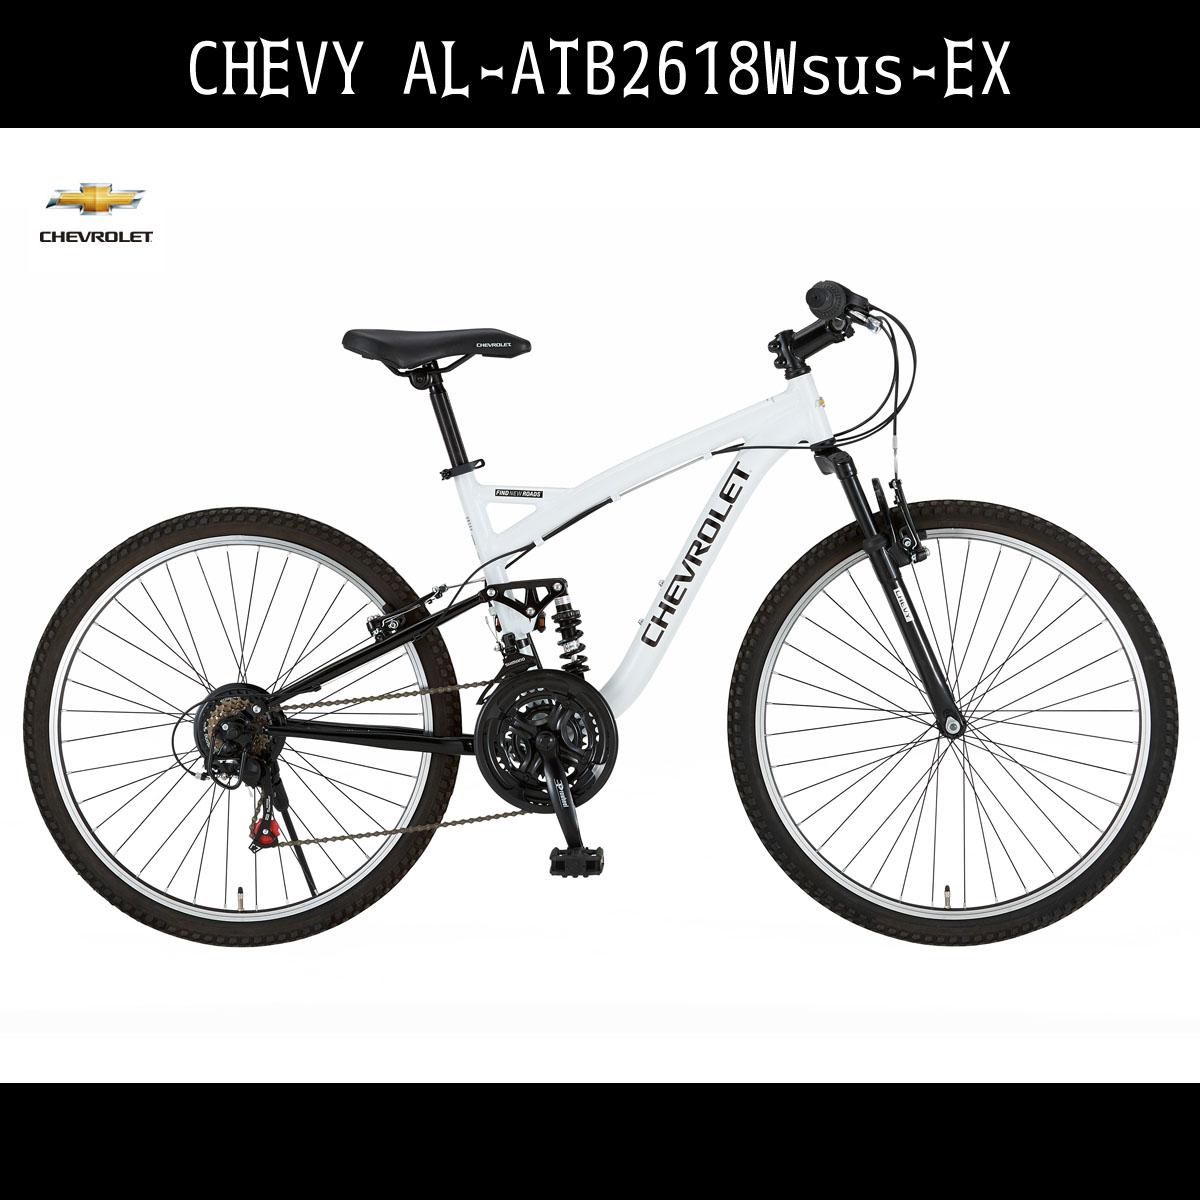 配送先一都三県一部地域限定送料無料 マウンテンバイク シボレー 自転車 ホワイト/白色26インチ マウンテンバイク 外装18段変速ギア アルミ CHEVROLET CHEVY(シェビー) 自転車 シボレー AL-ATB2618EX アルミニウム おしゃれ